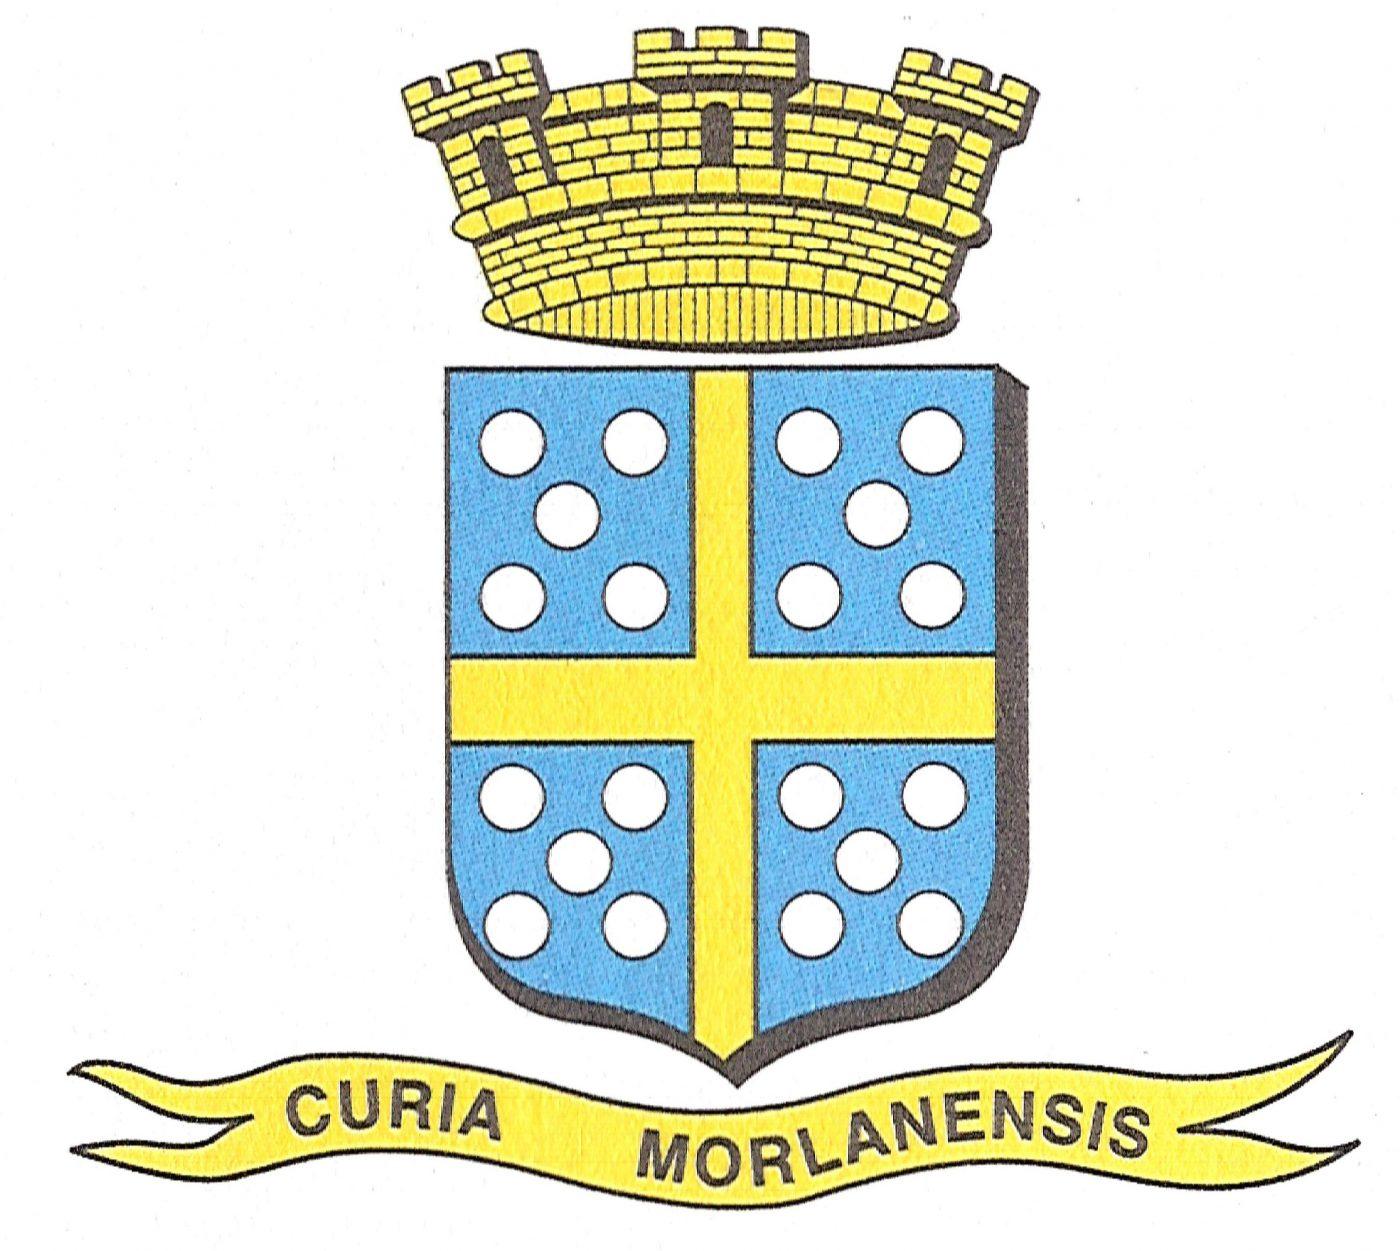 Morlaas